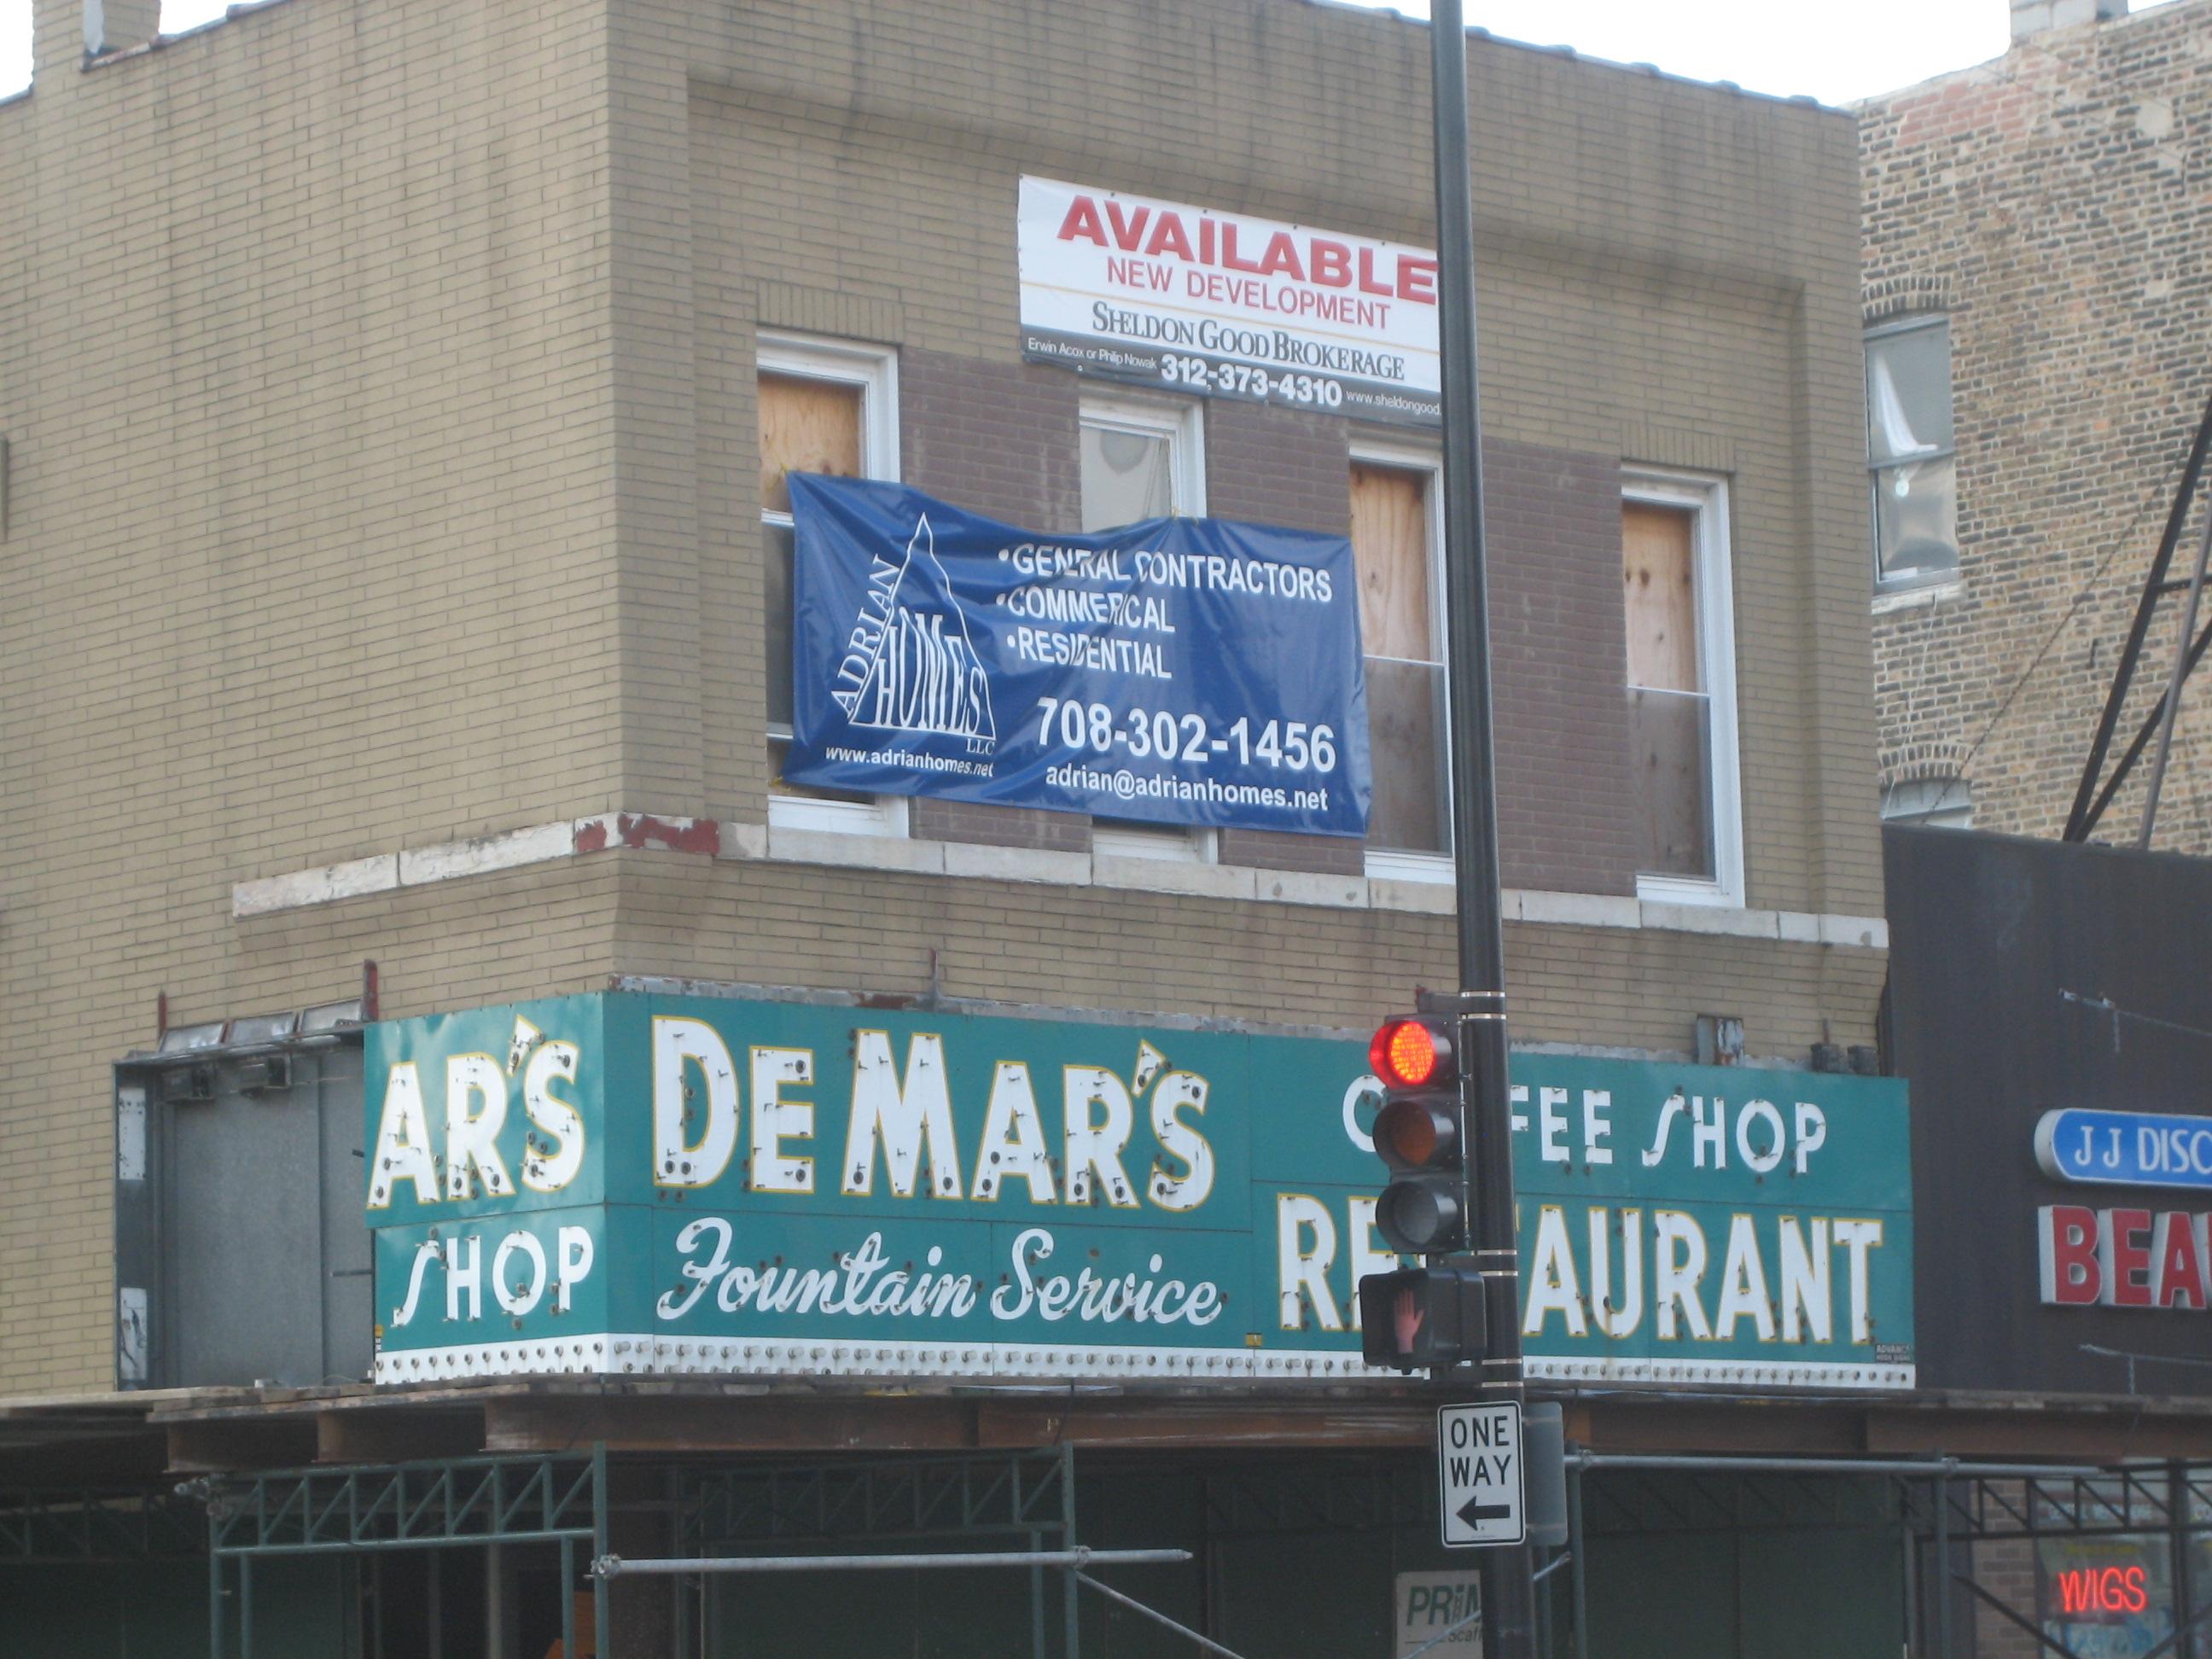 Condos replacing DeMar's Coffee Shop in East Village